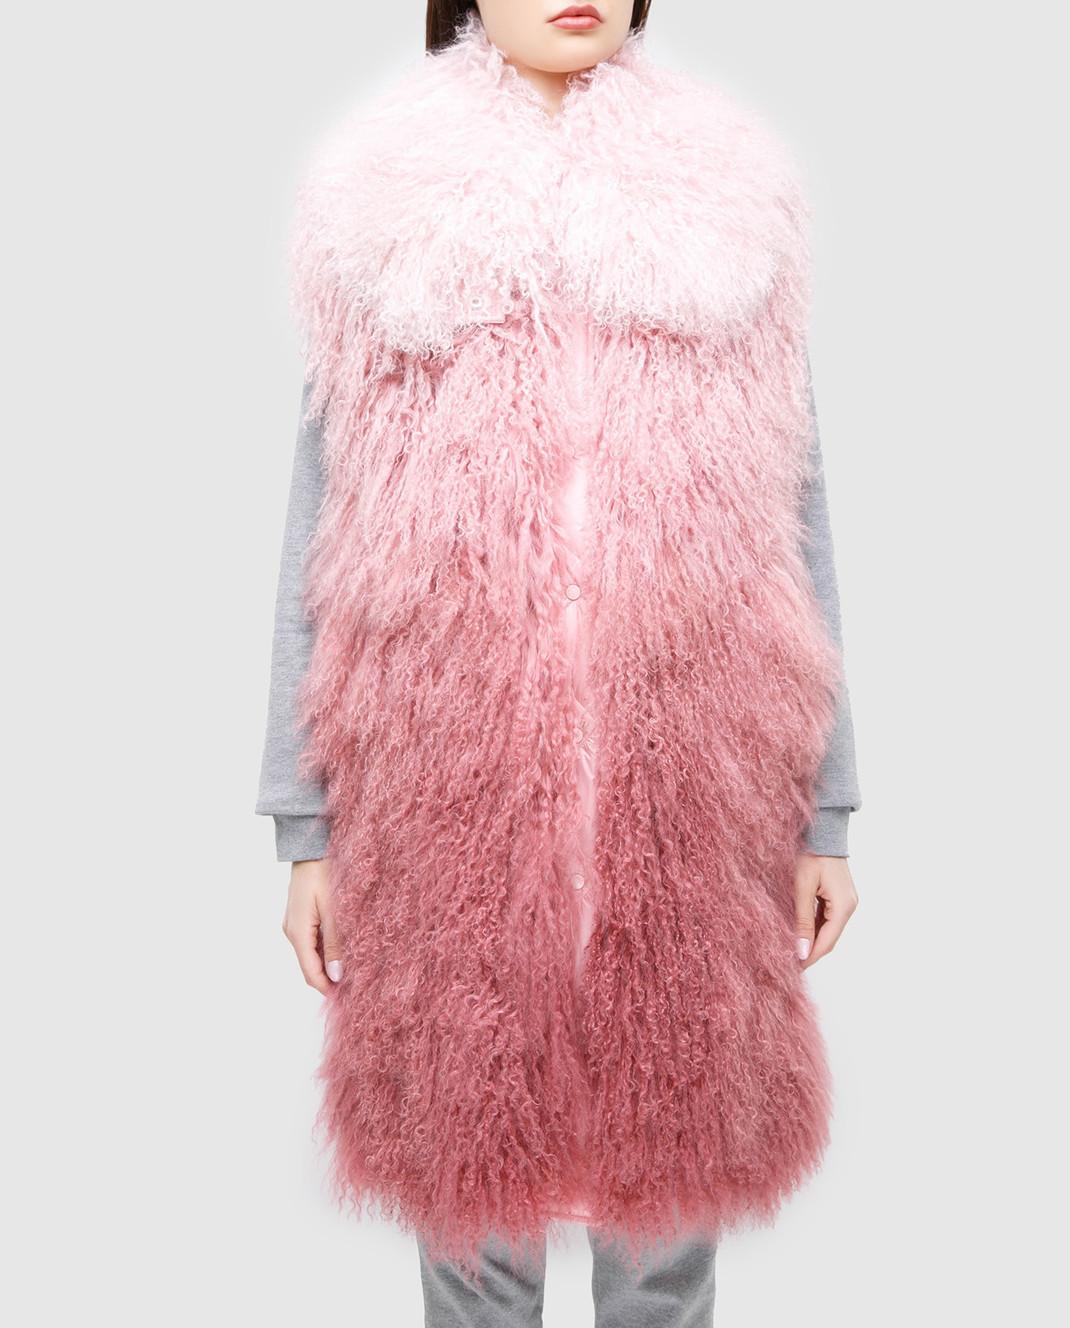 Moncler Розовый жилет из меха ягненка 48938 изображение 3